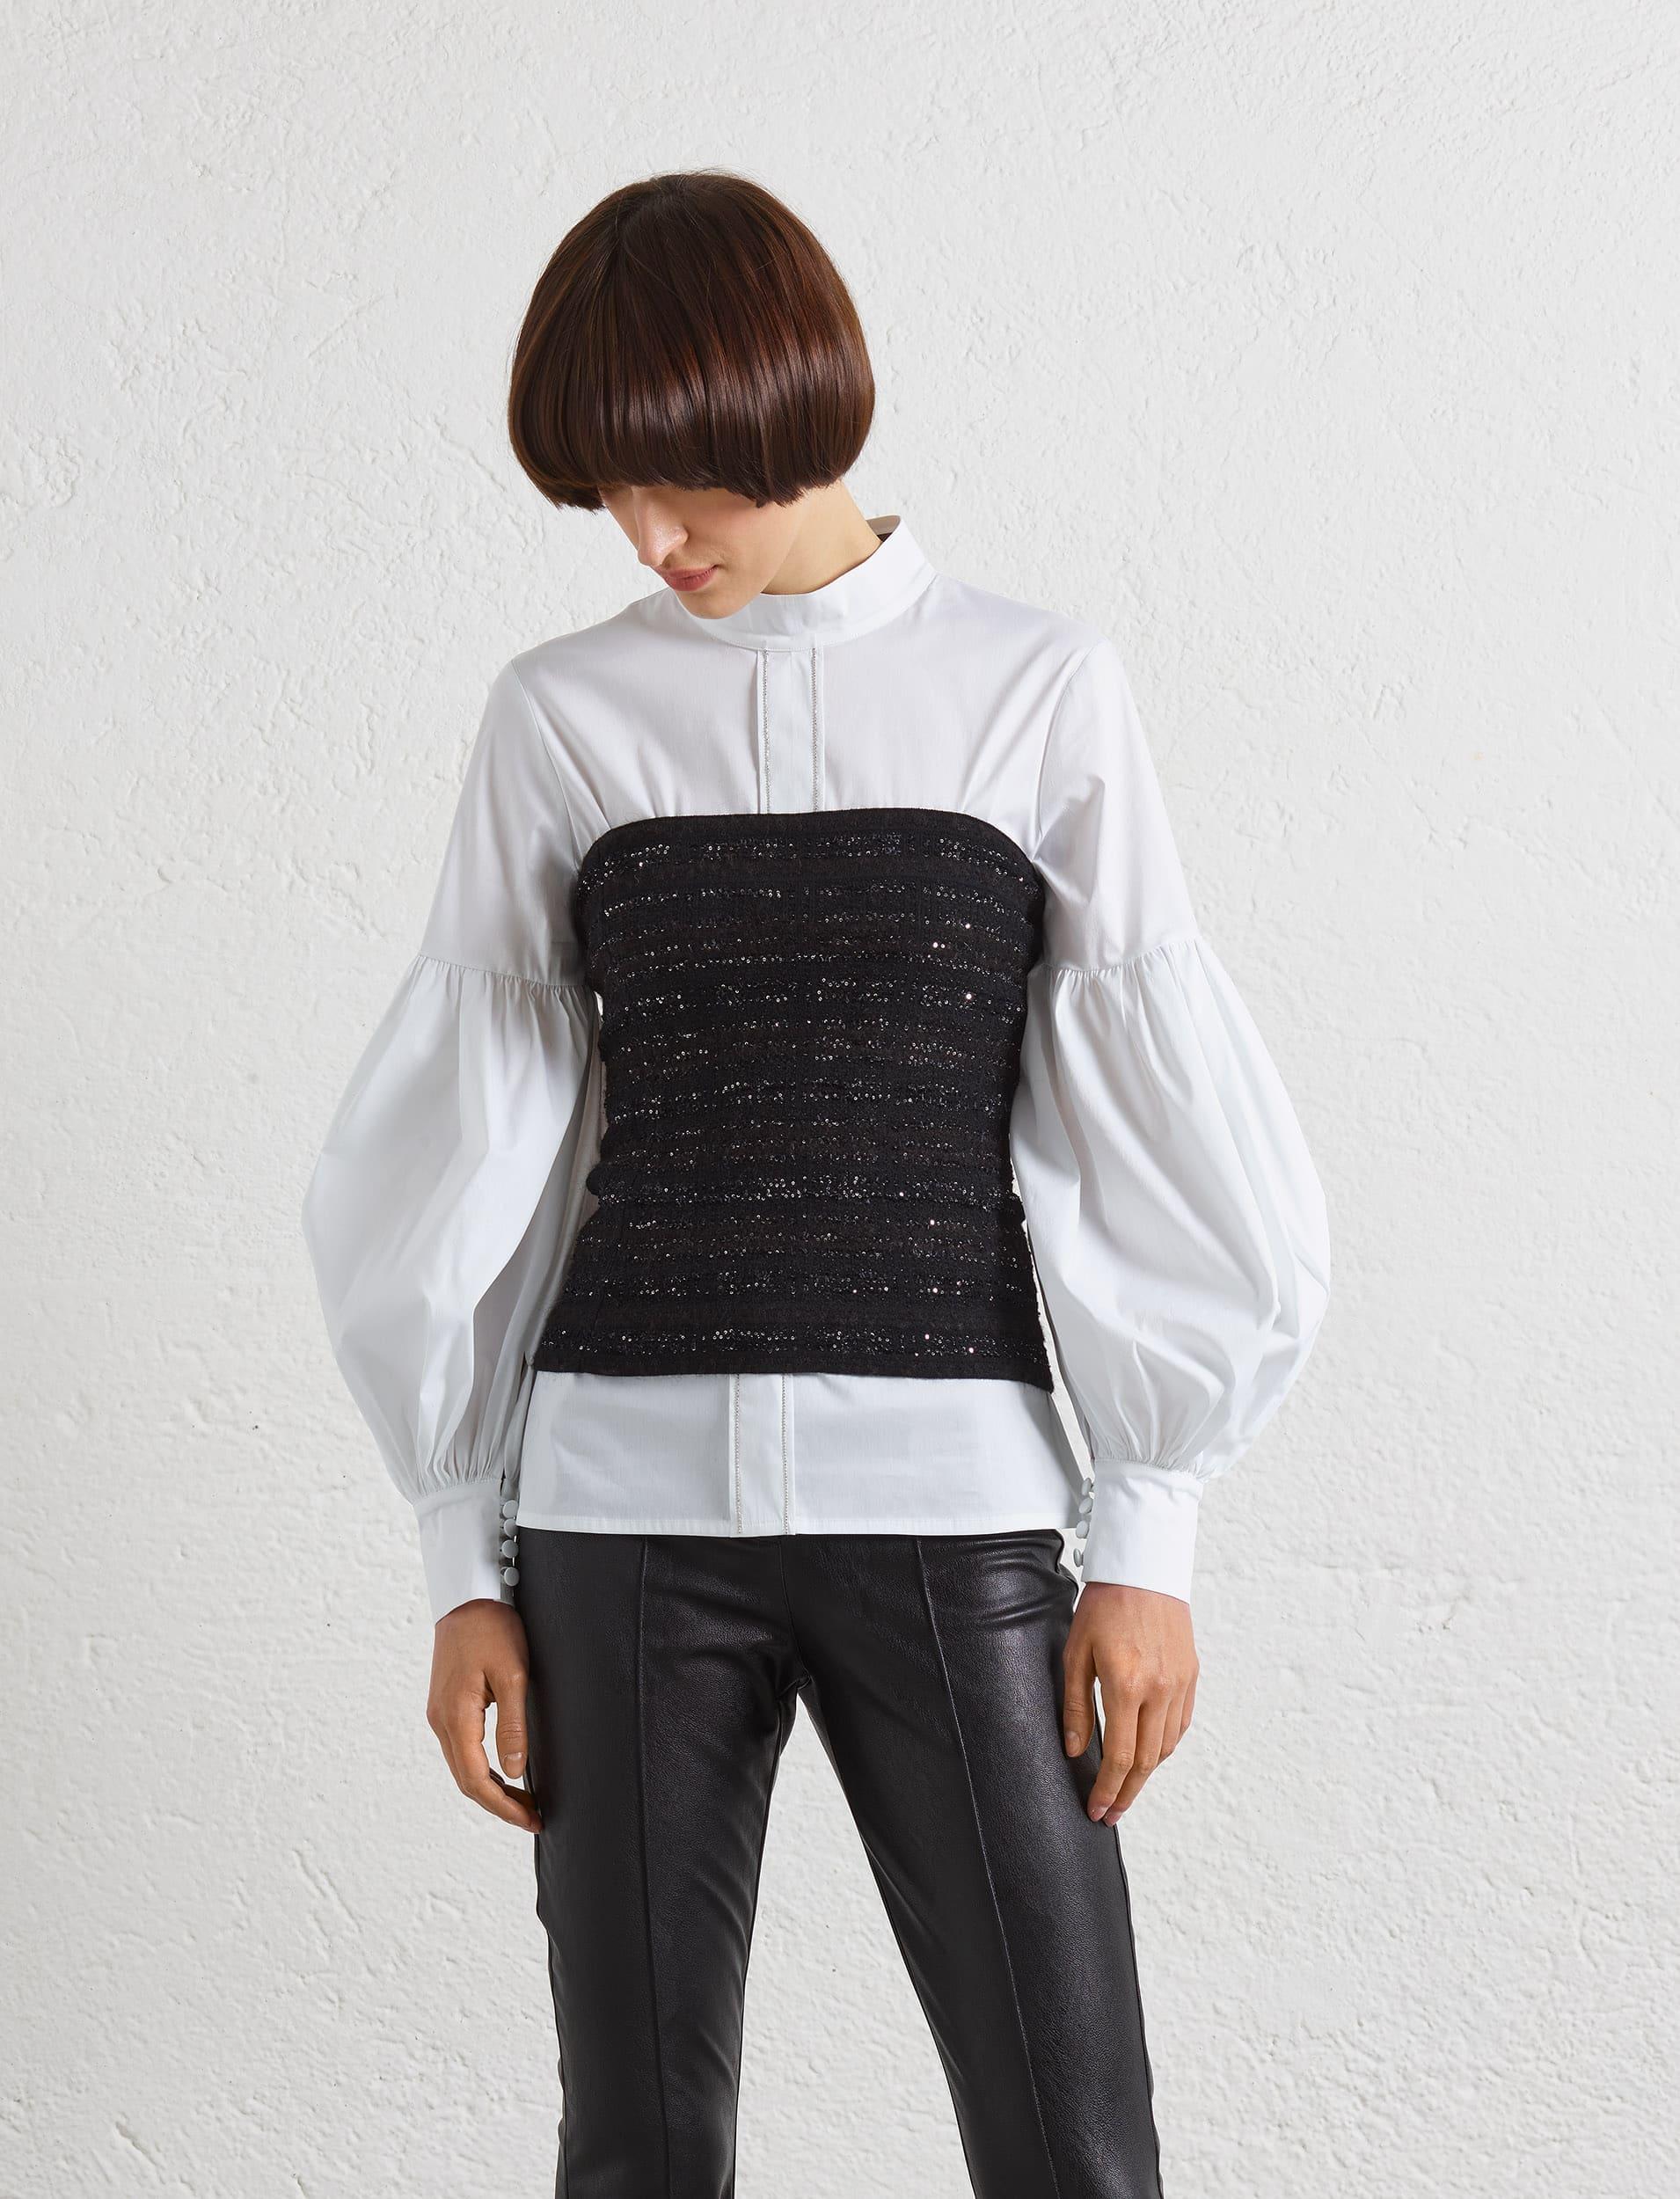 Ein modisches, wandelbares schwarzes Korsett mit Glitzer und leichter Bouclé Optik. Man kann es auch als Minirock tragen und macht sicher sehr viel Spass. Auf dem Foto als Korsett über einer Bluse.